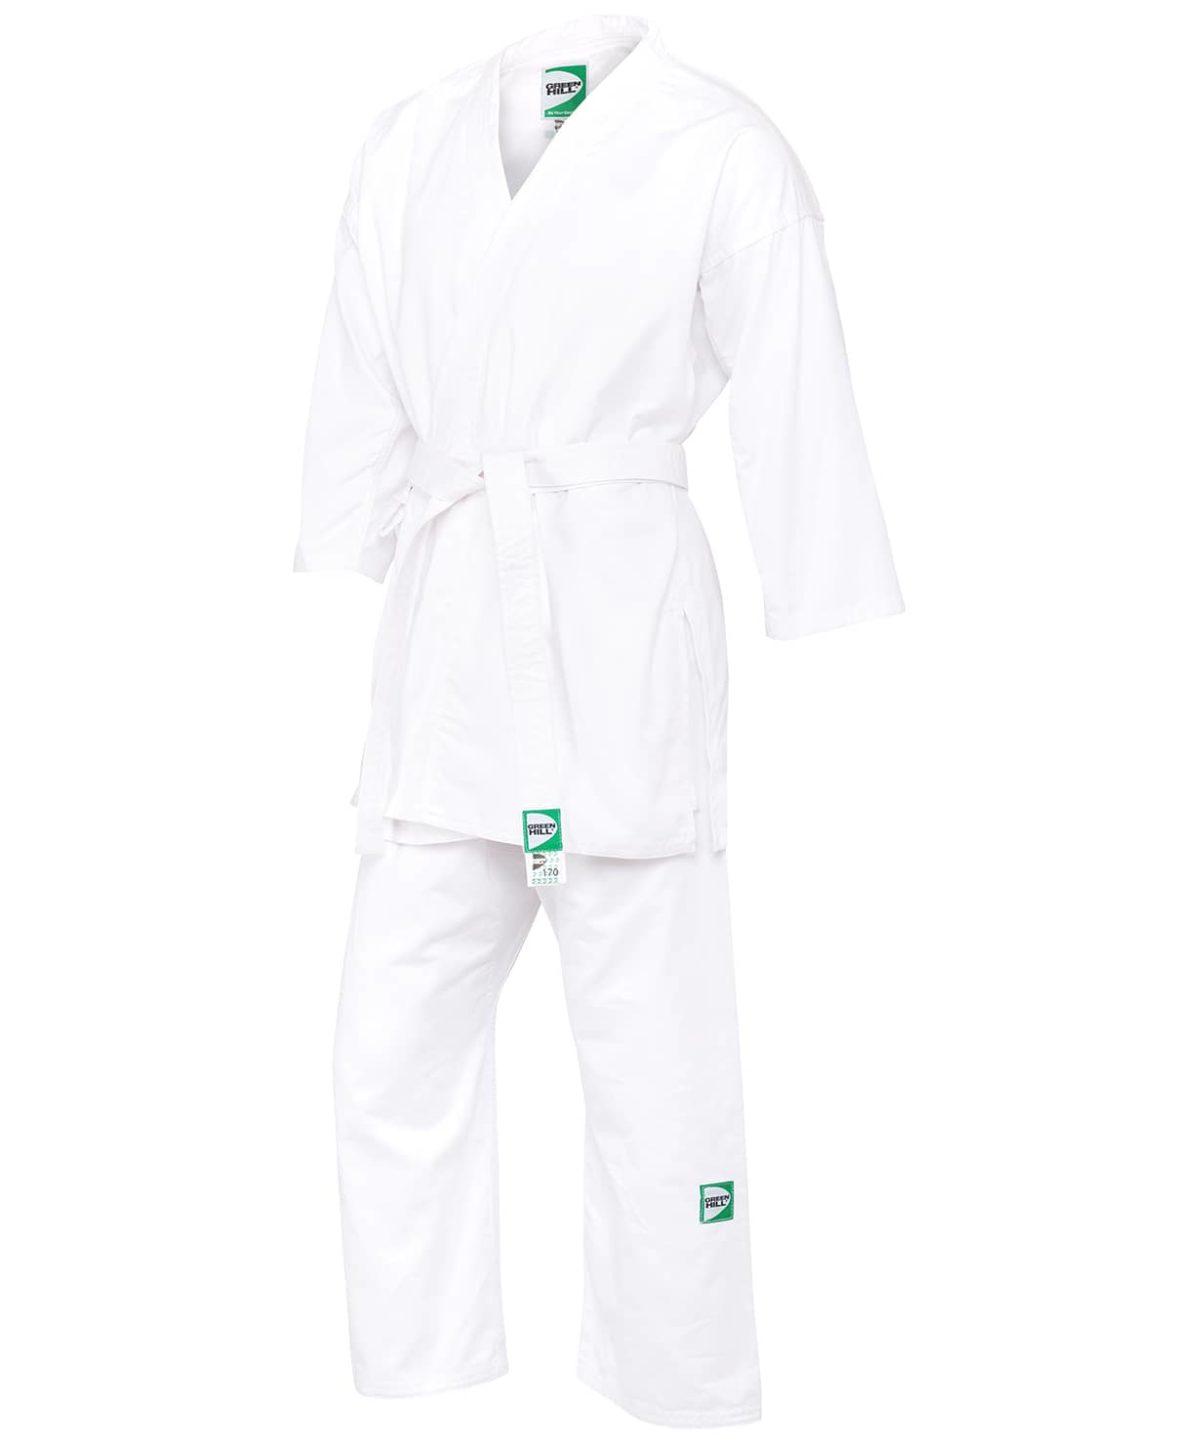 GREEN HILL Start Кимоно для карате 2/150  KSST-10354 - 1